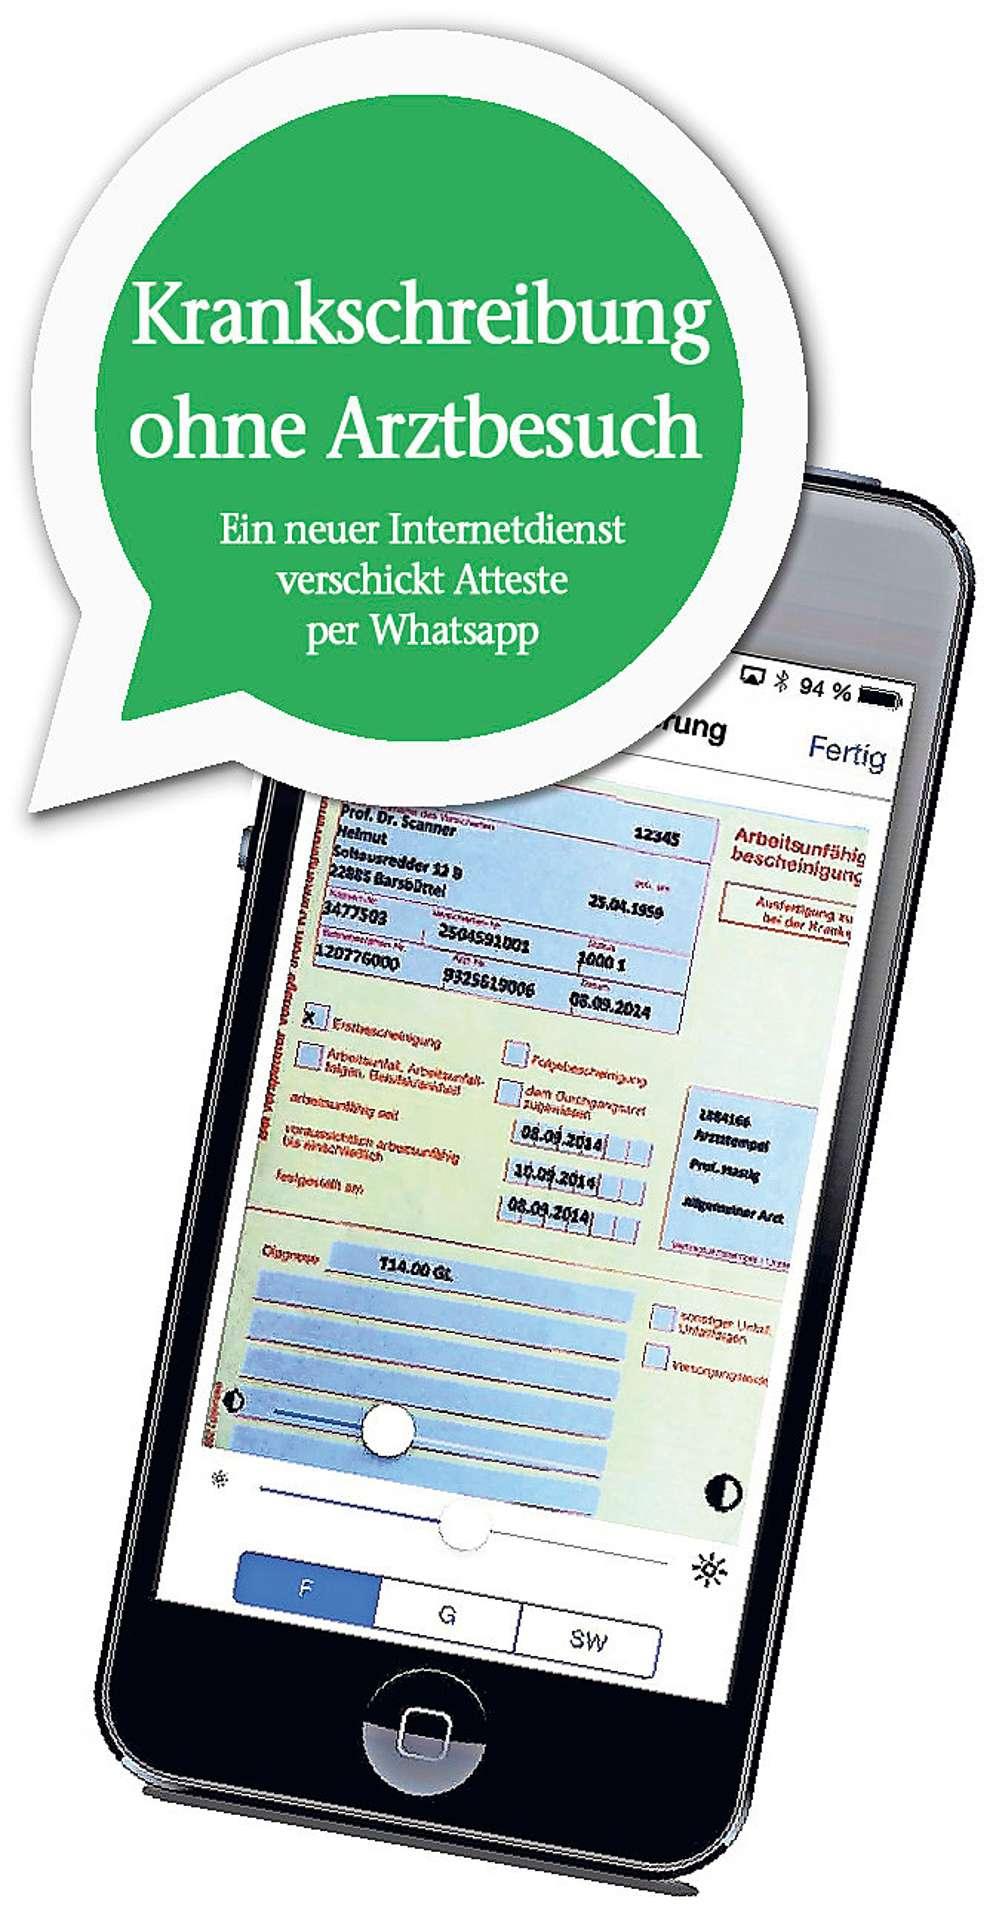 Wirtschaft Krankschreibung Ohne Arztbesuch Per Whatsapp Oberfranken Frankenpost